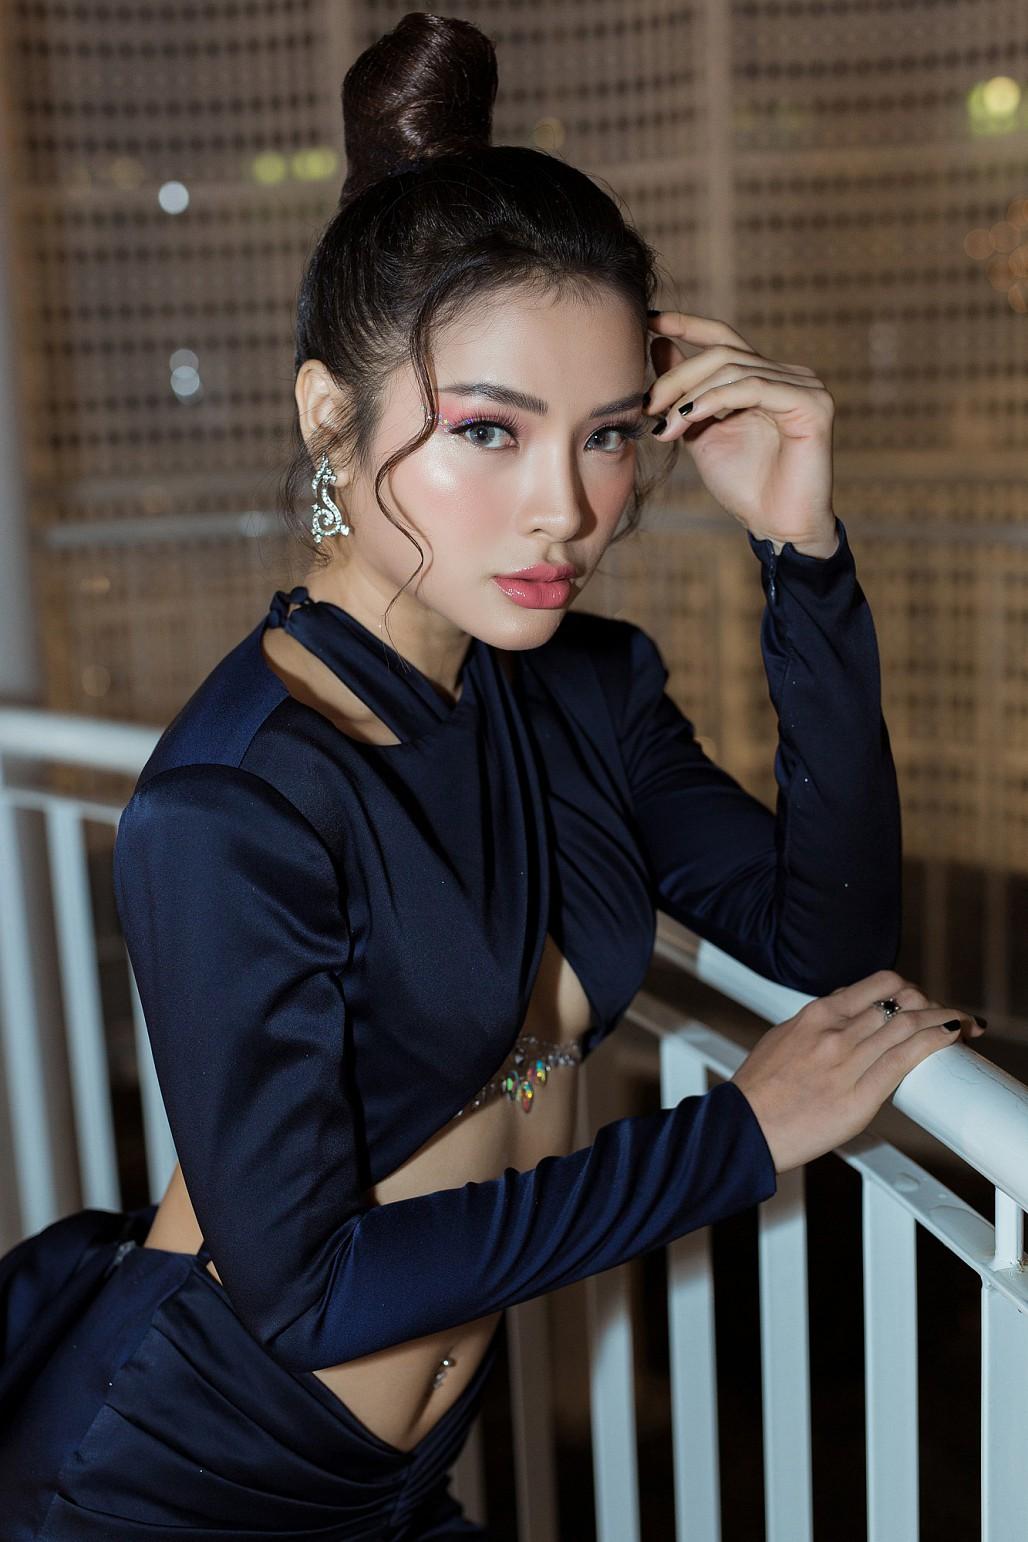 Không để kém cạnh chị em, Phương Trinh Jolie diện váy cắt xẻ táo bạo khoe nửa bầu ngực khiến nhiều người 'đỏ mặt' - Ảnh 6